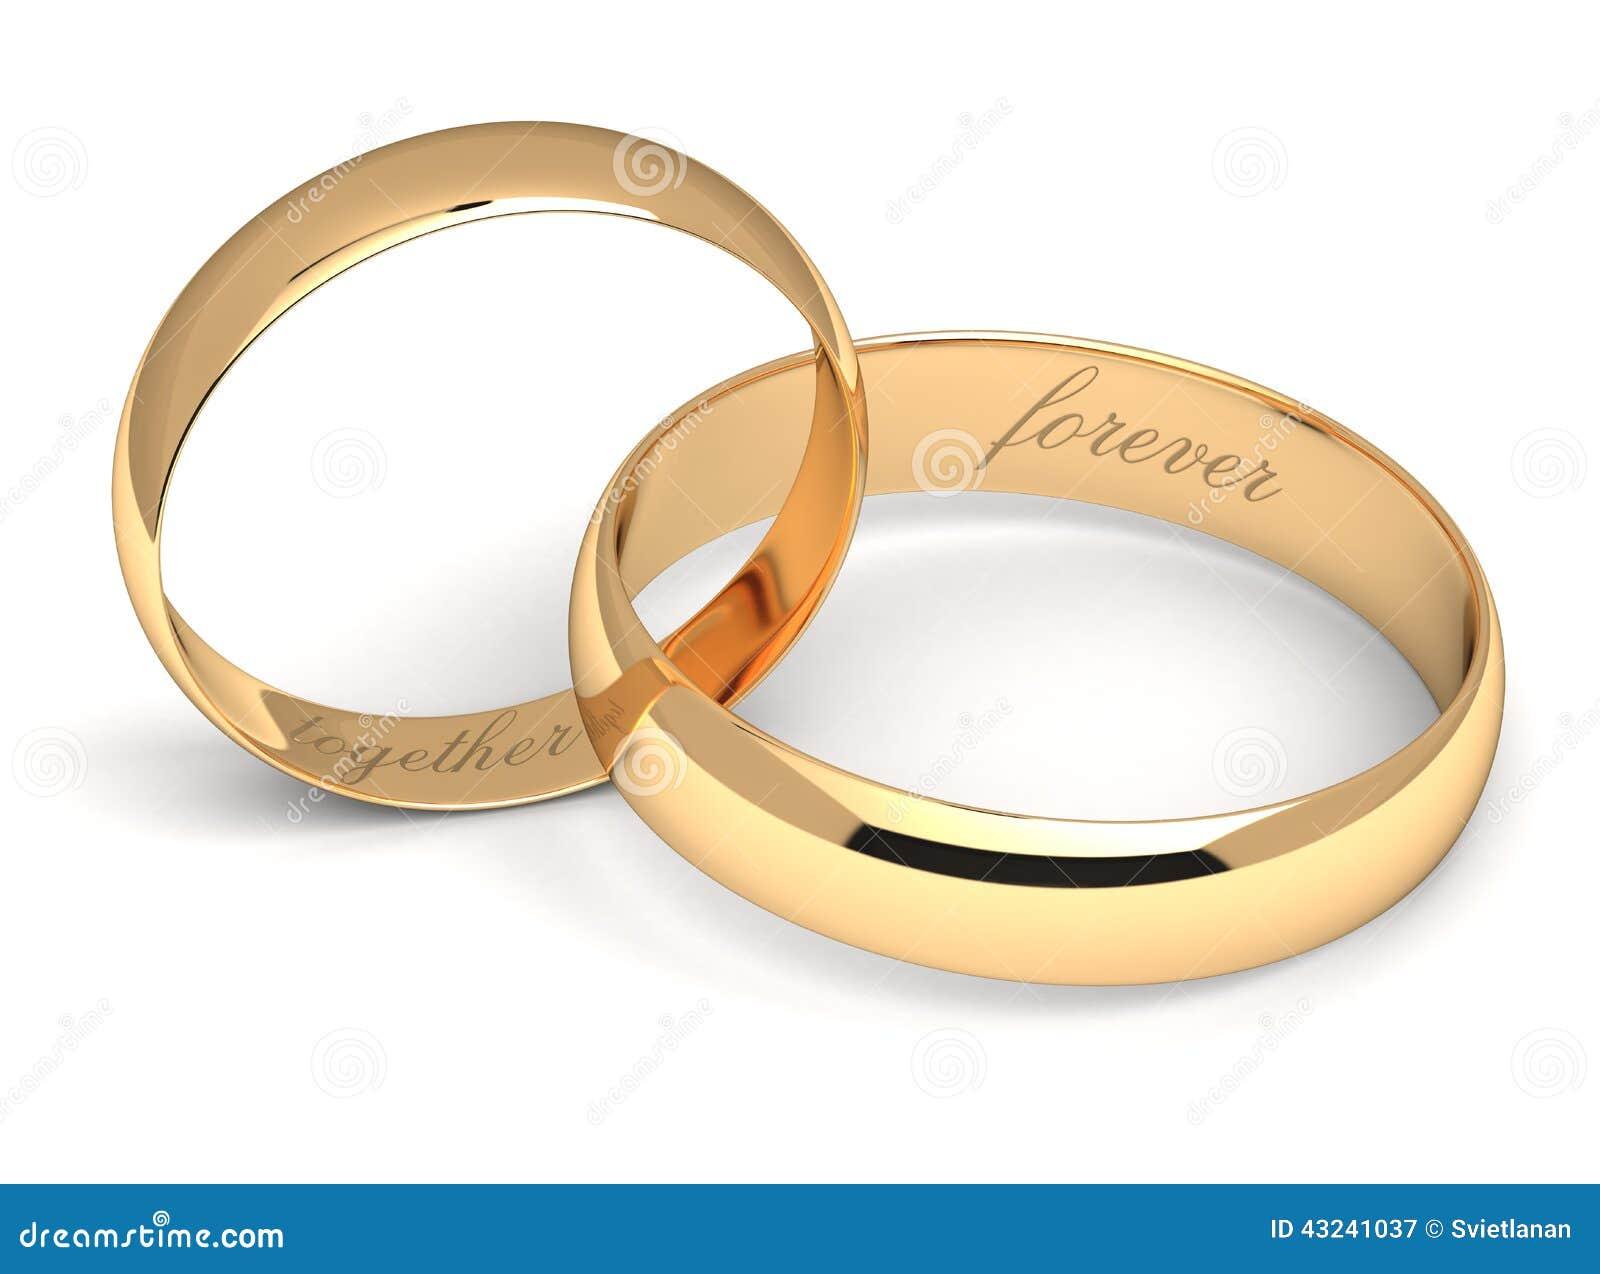 Wedding Rings On White Stock Illustration